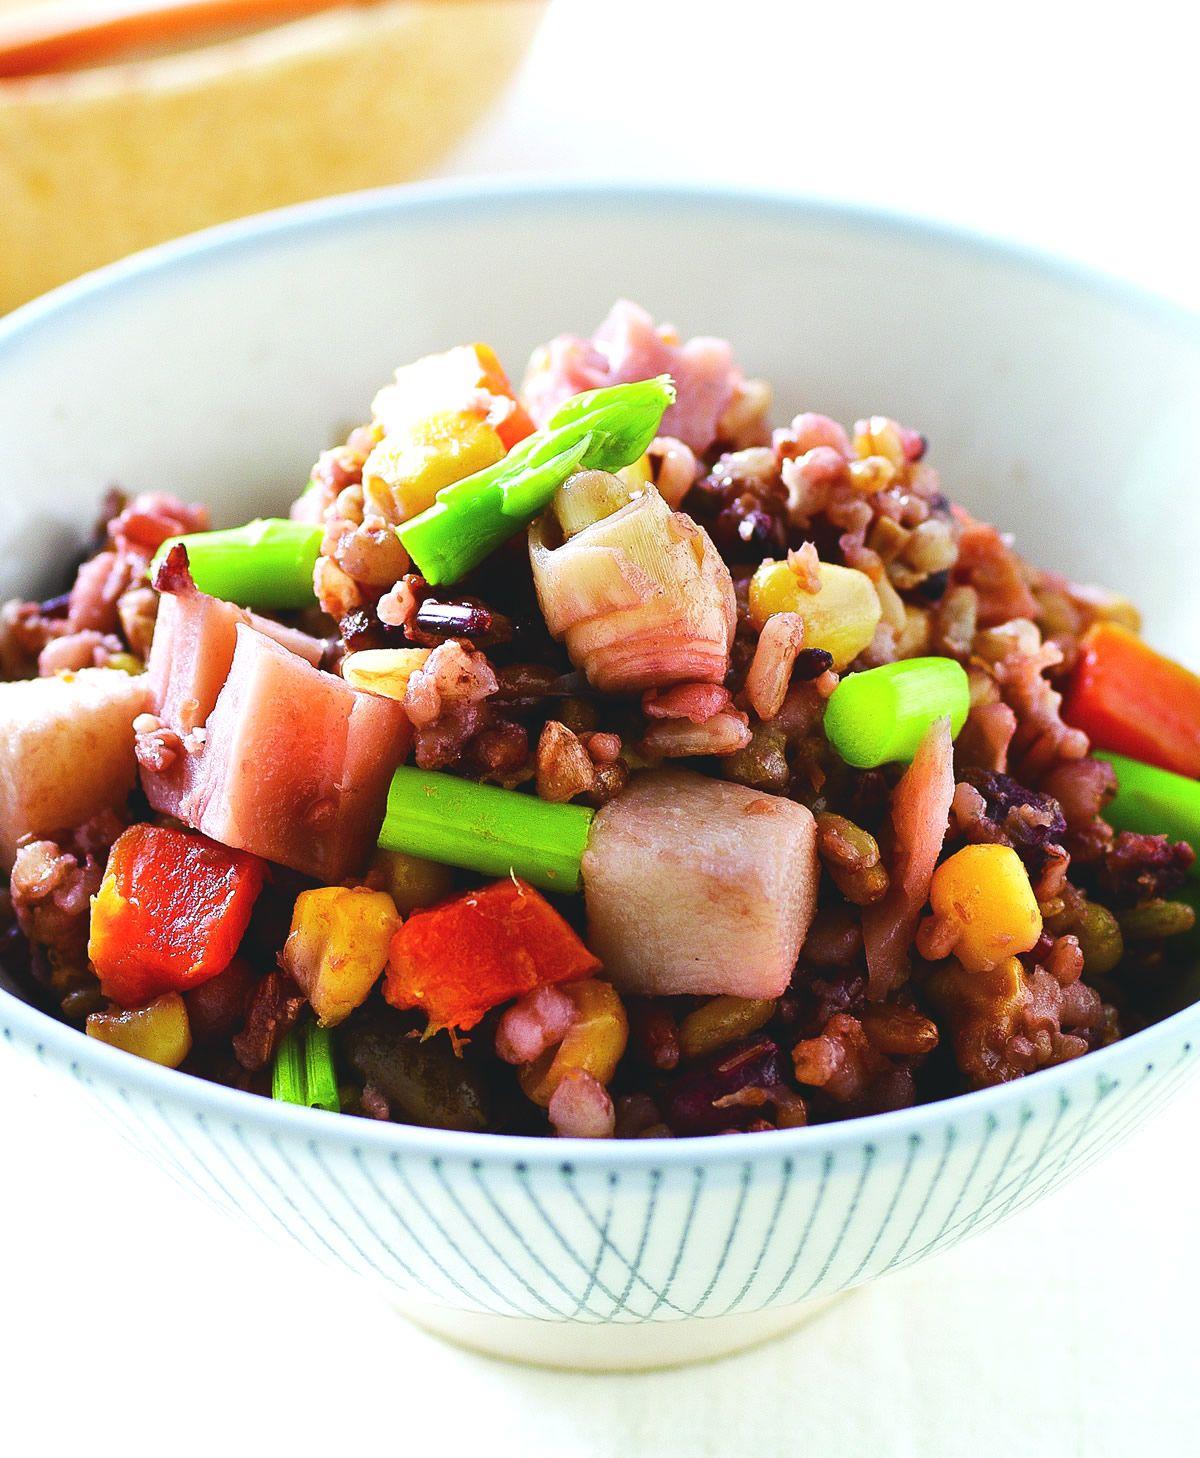 食譜:鮮蔬雜糧炊飯